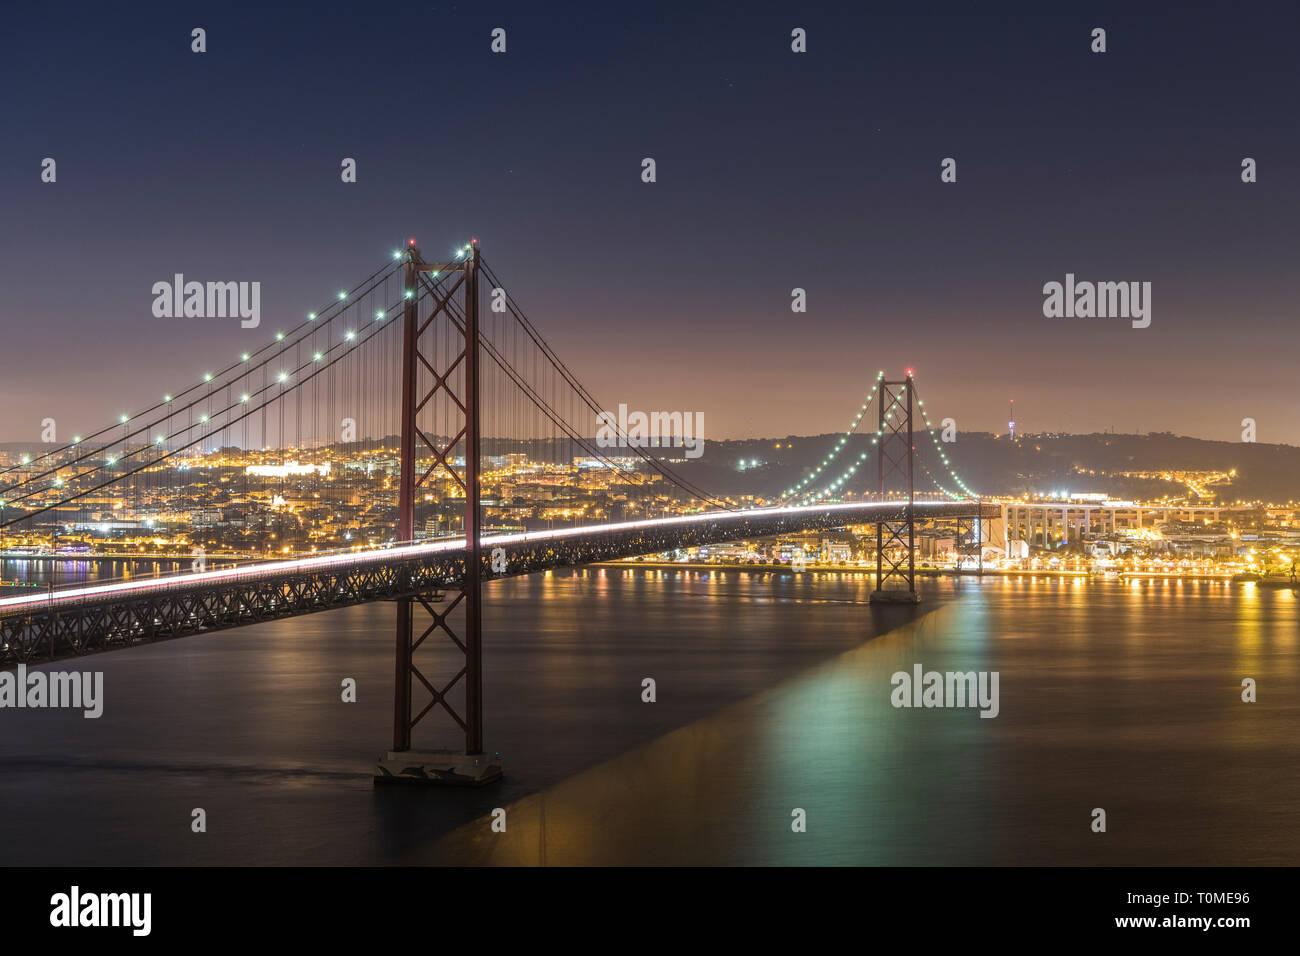 Photo de nuit de Ponte 25 de Abril (pont) et à Lisbonne, Portugal Banque D'Images